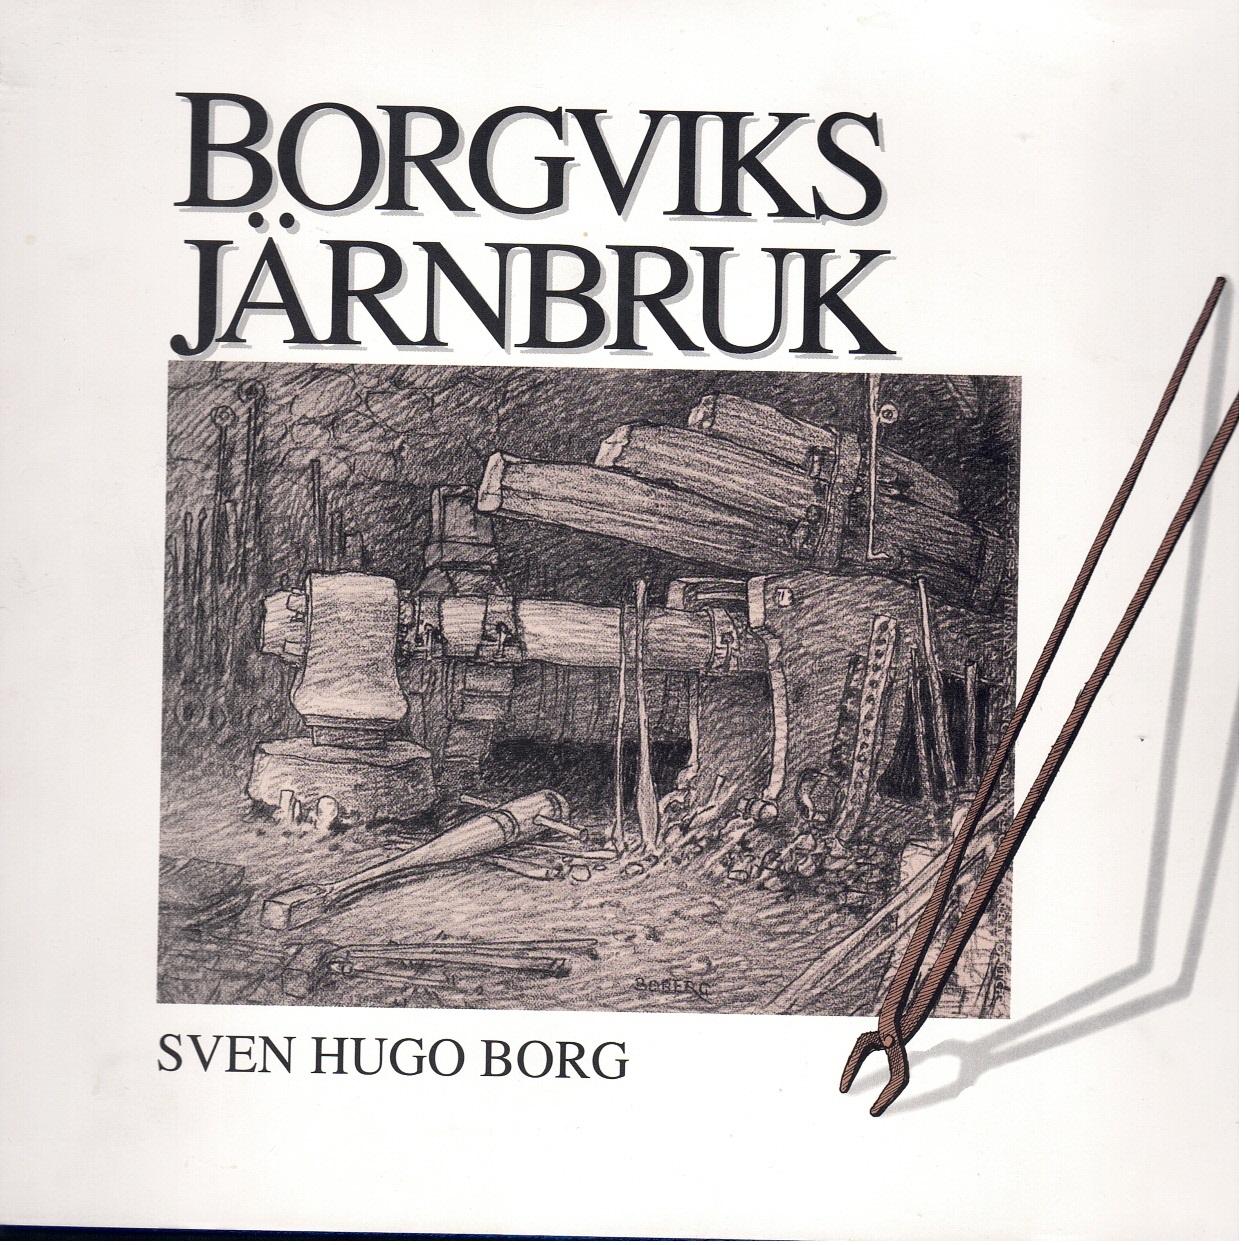 Borgviks järnbruk : utveckling och nedgång 1840-1924 - Borg, Sven Hugo